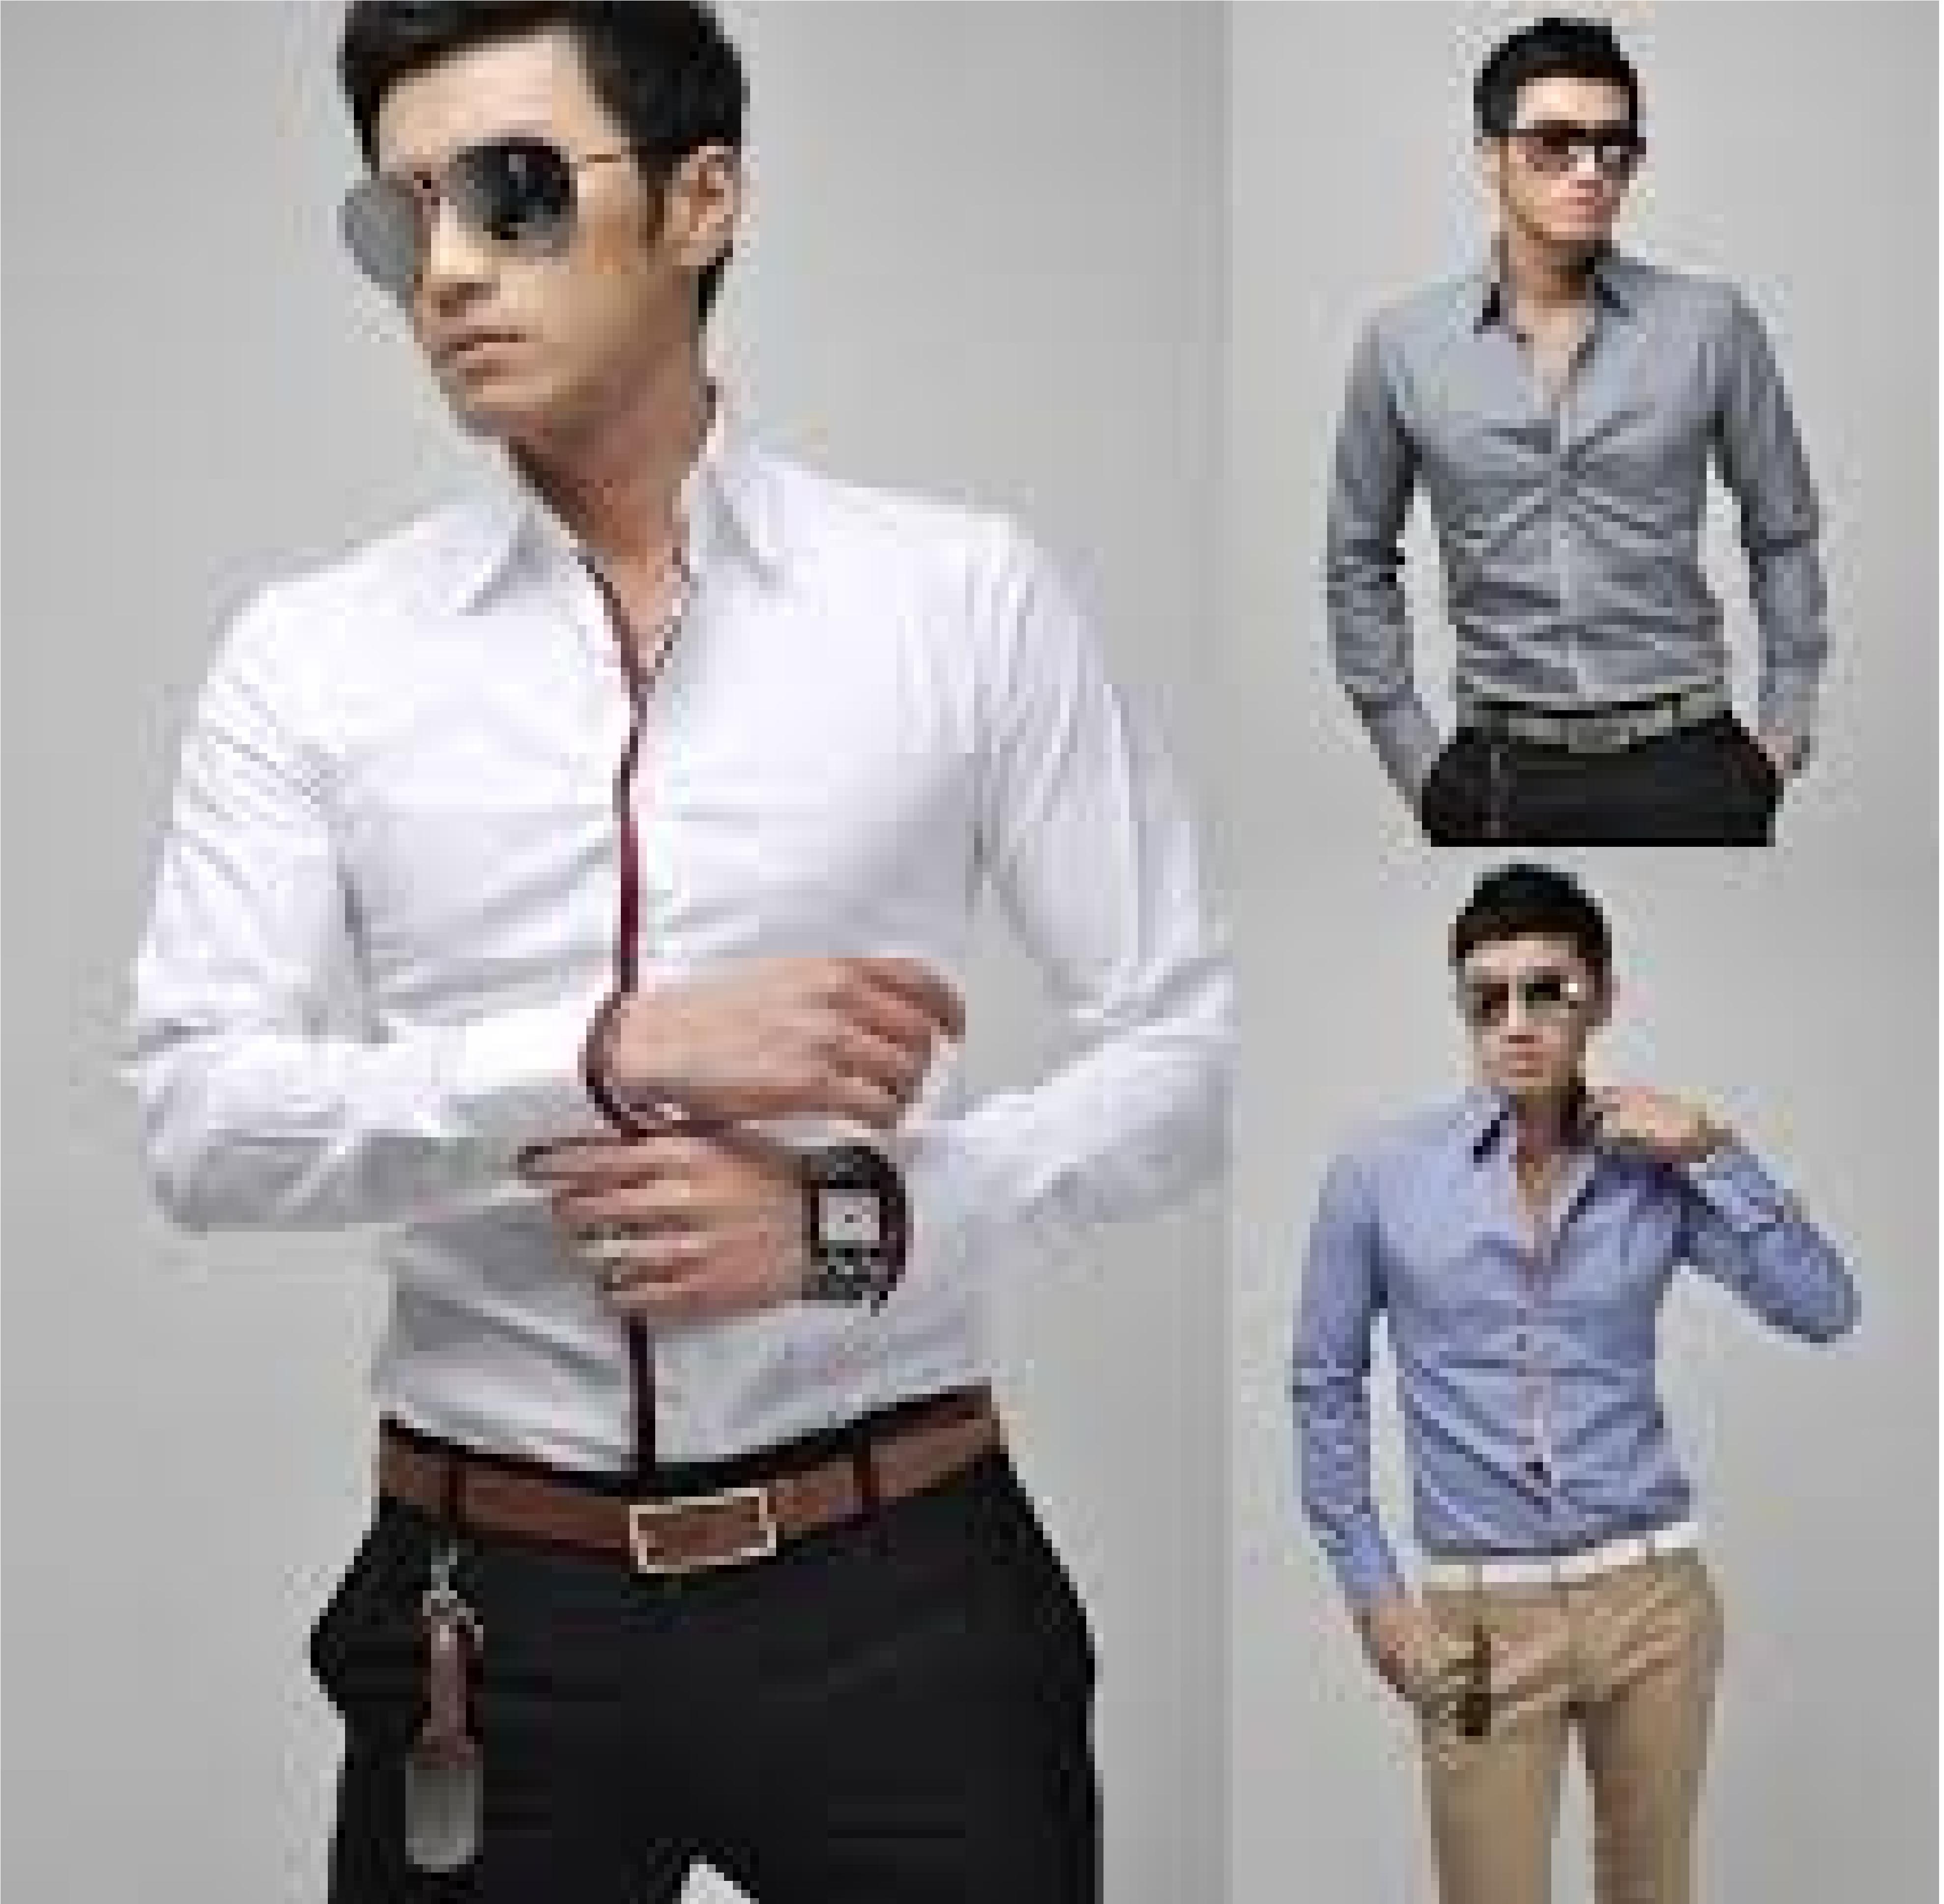 dc336c6e5 Tips de moda para hombres, con estilo y elegancia